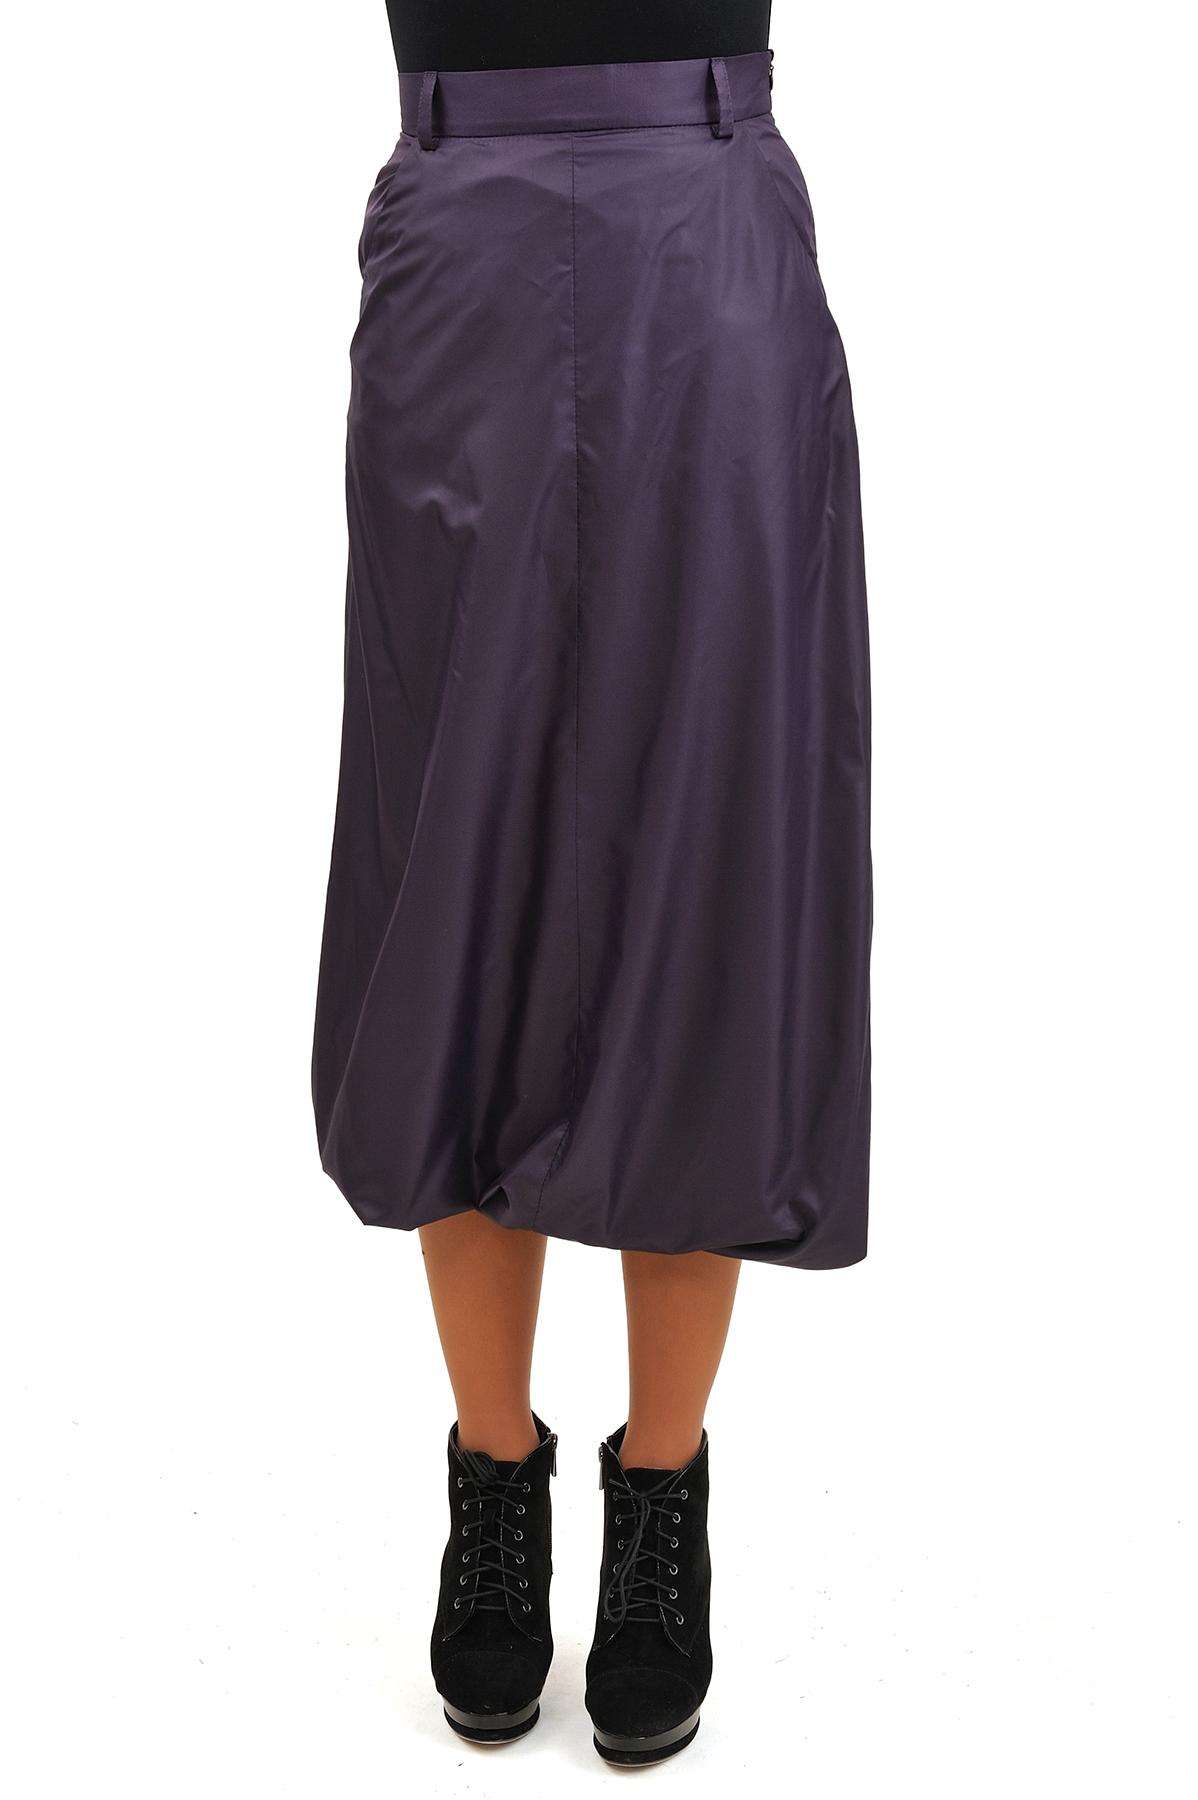 ЮбкаЖенские юбки и брюки<br>Эффектная юбка должна быть в каждом гардеробе и эта модель отвечает всем требованиям современной модницы! Благодаря спокойной однотонной расцветке, юбка превосходно гармонирует с любыми вещами.<br><br>Цвет: фиолетовый<br>Состав: 100% полиэстер, подкладка: 92% вискоза, 5% лайкра<br>Размер: 42,44,46<br>Страна дизайна: Россия<br>Страна производства: Россия